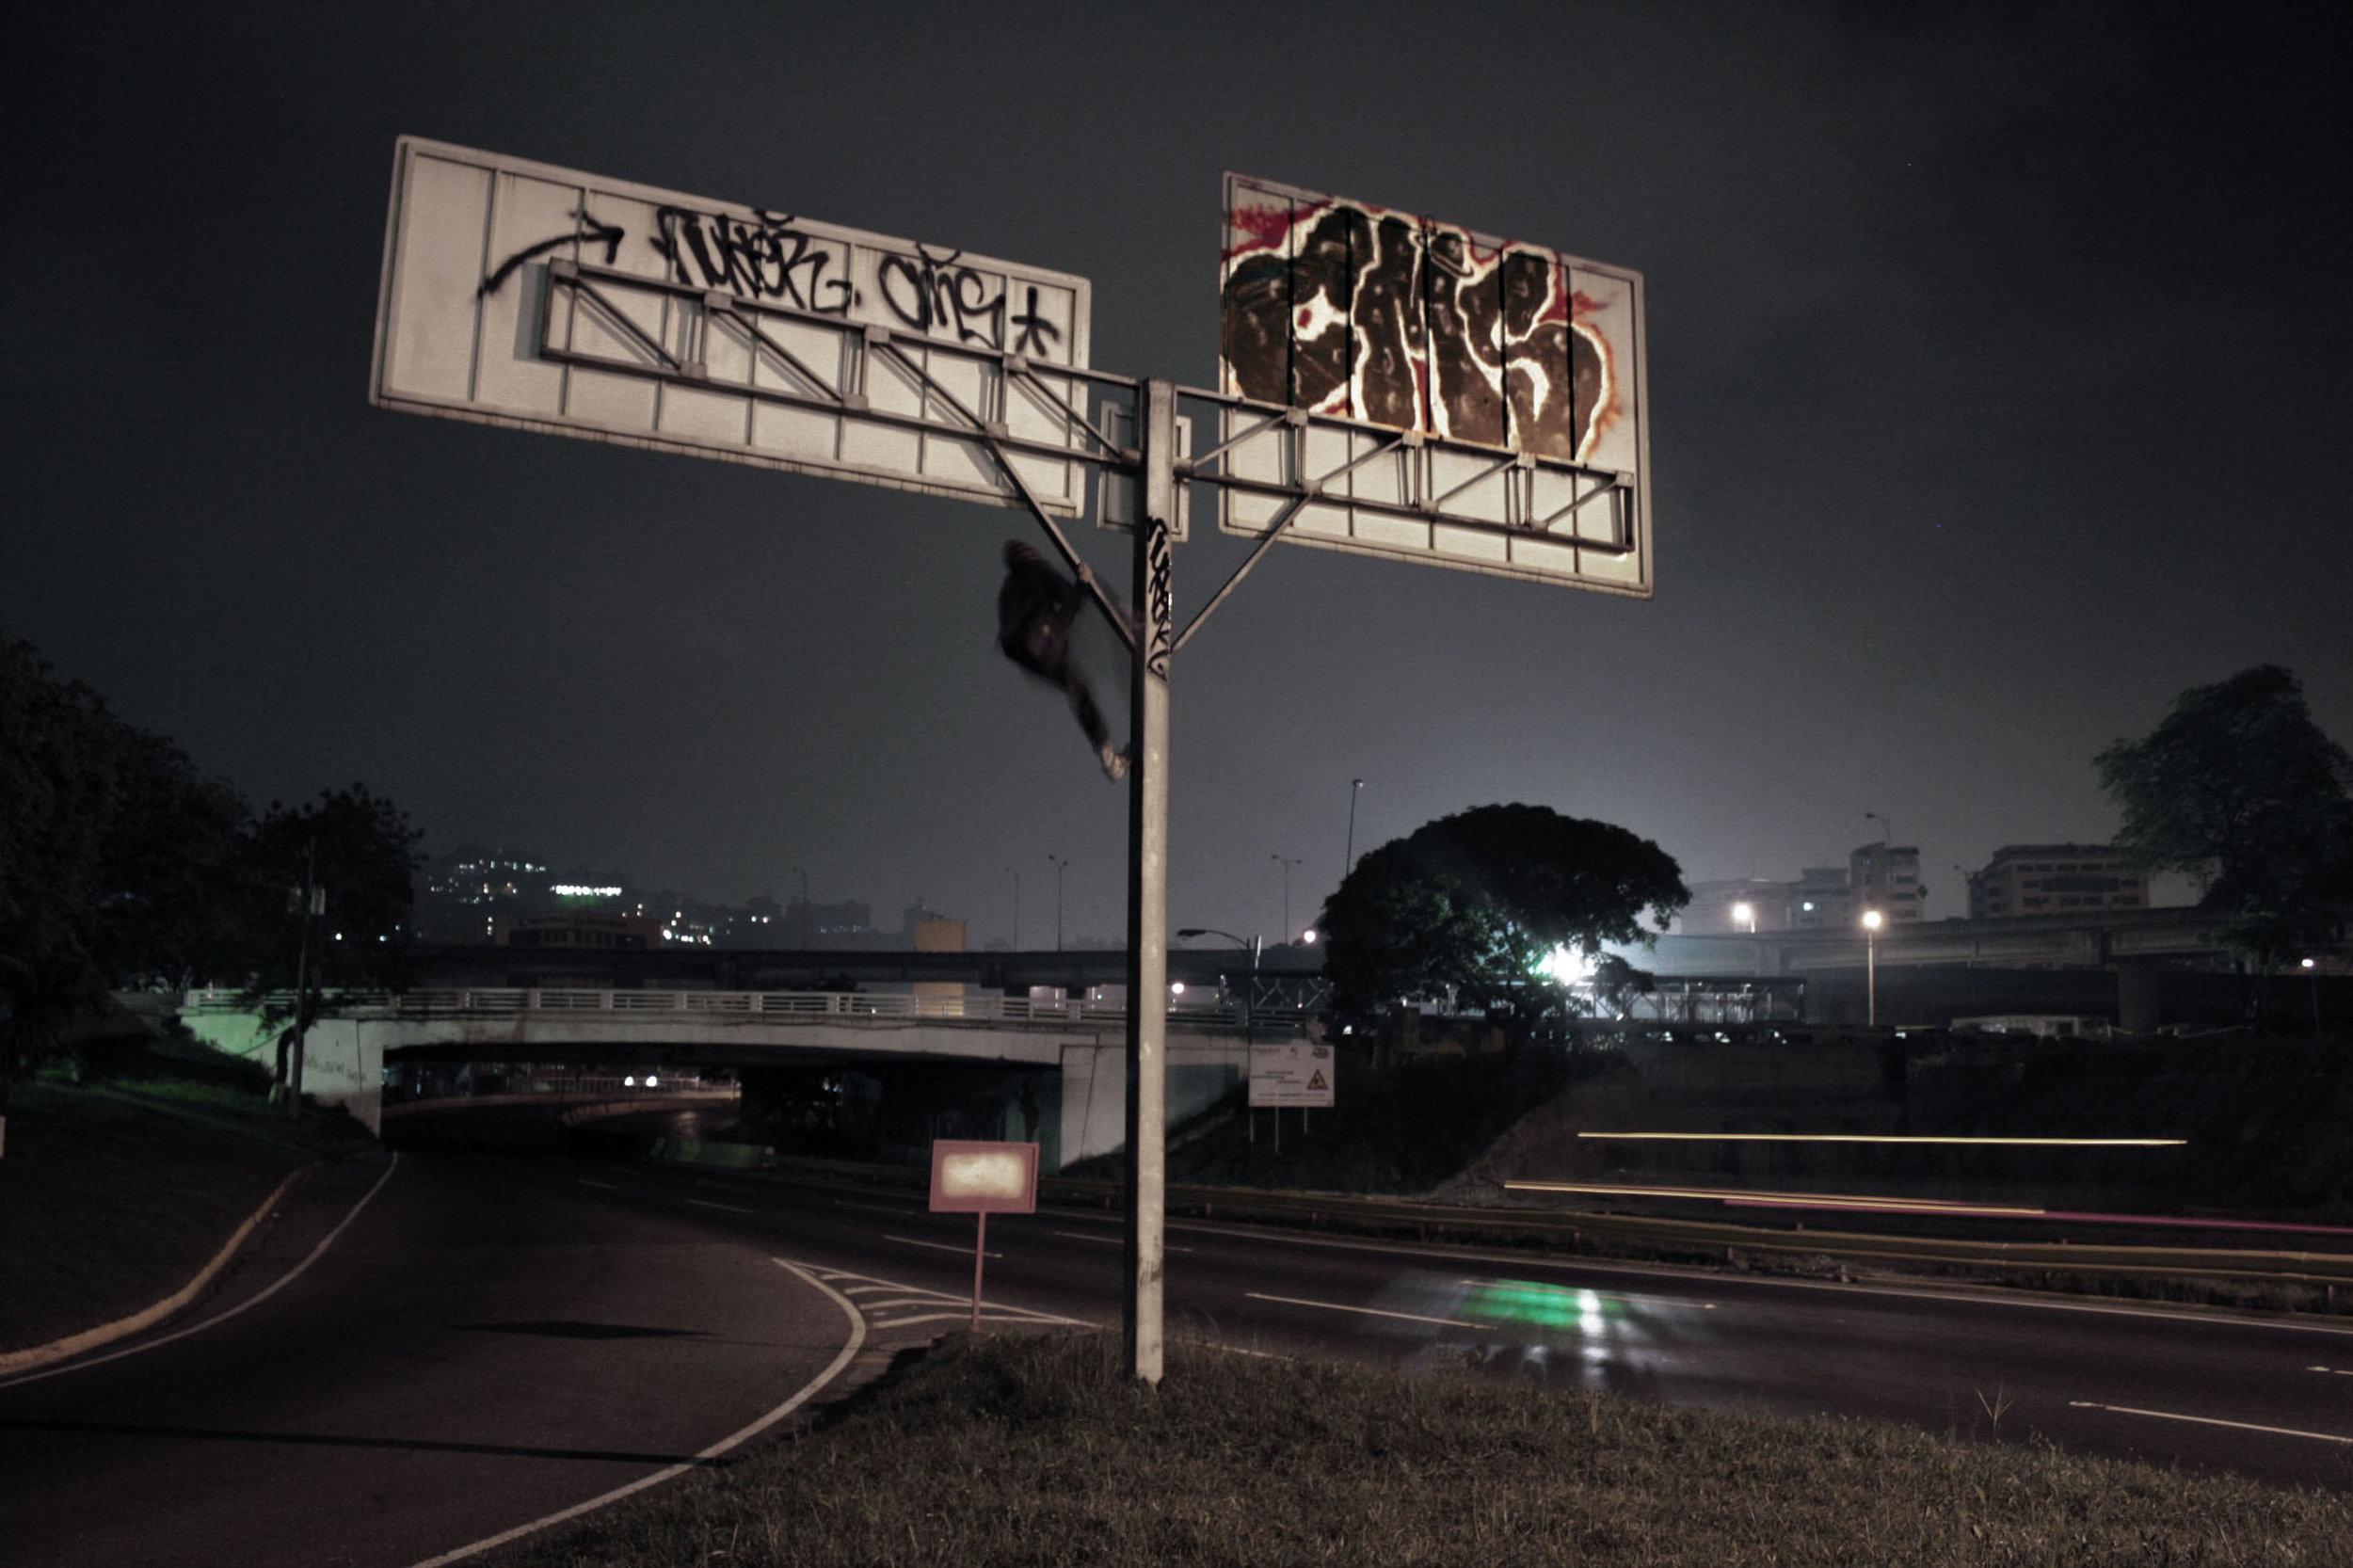 Loureiro_Caracas by Night_13.jpg